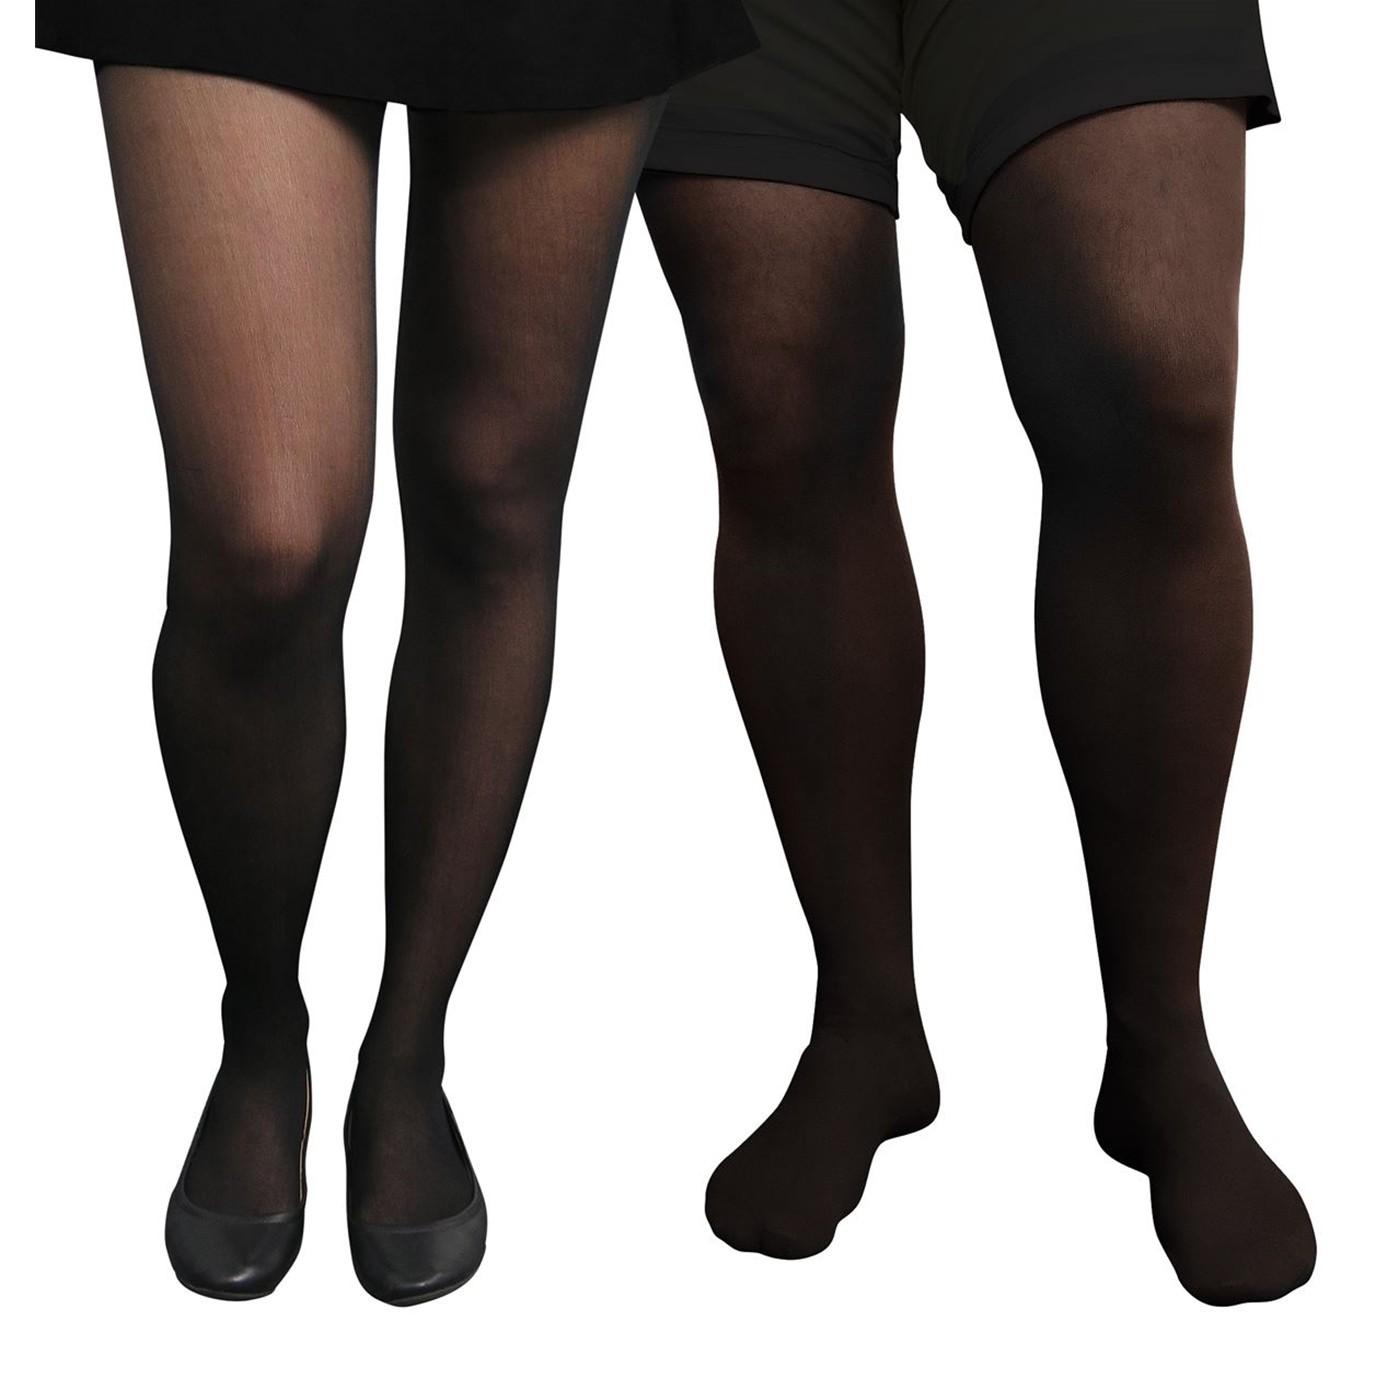 Adult Unisex Costume Black Tights